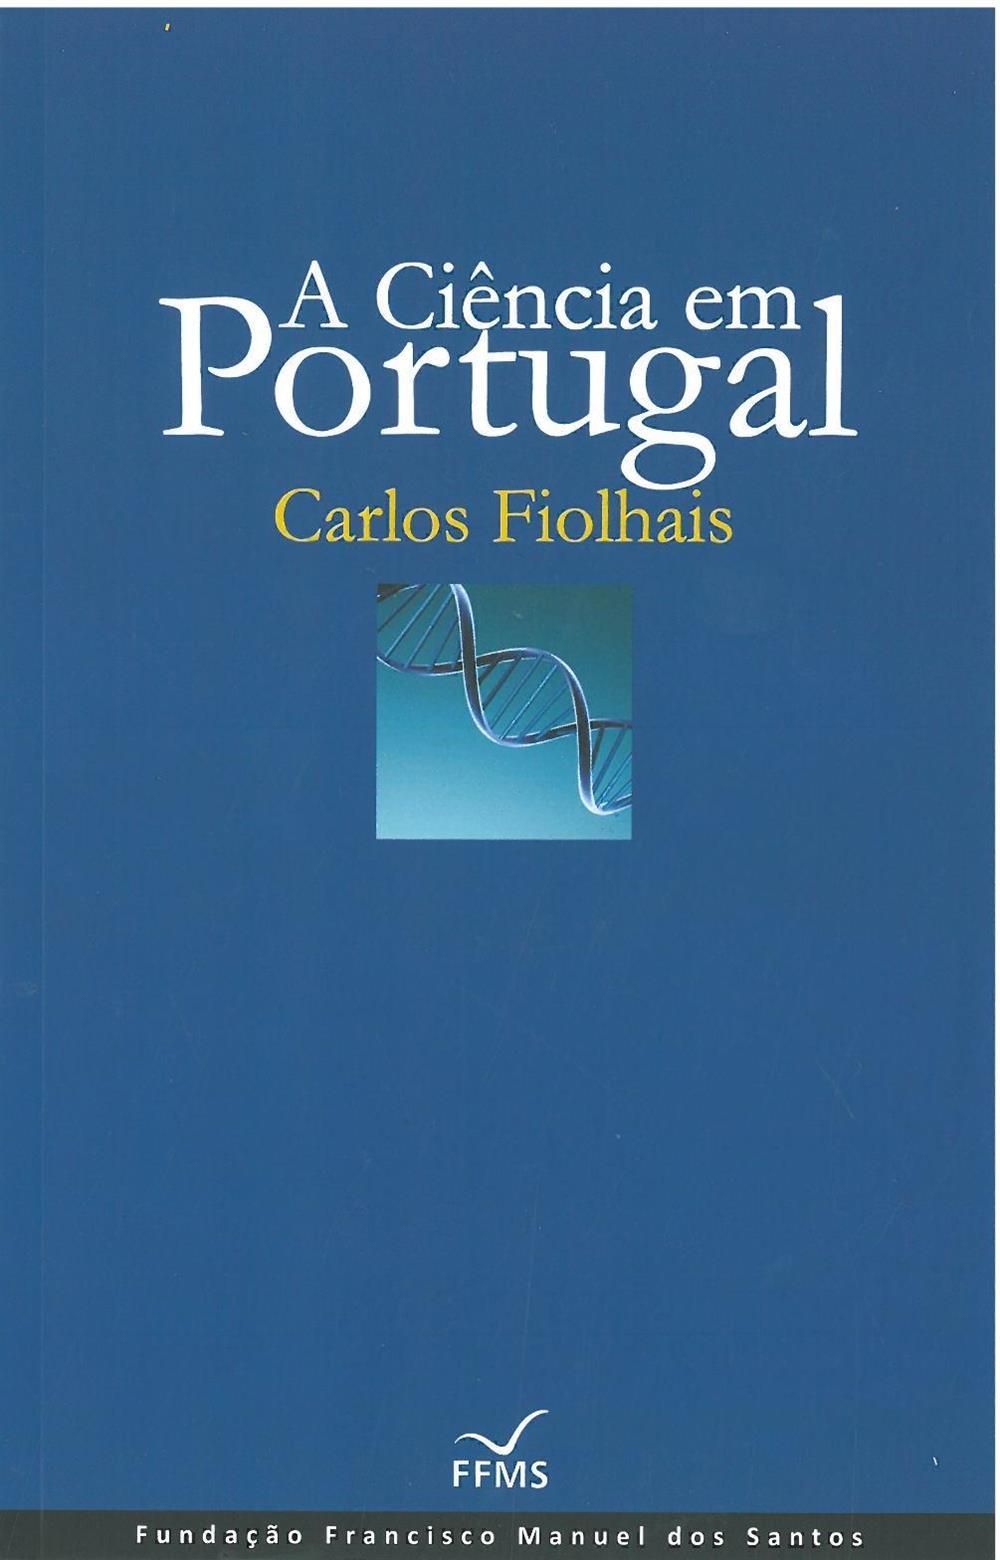 A ciência em Portugal_.jpg